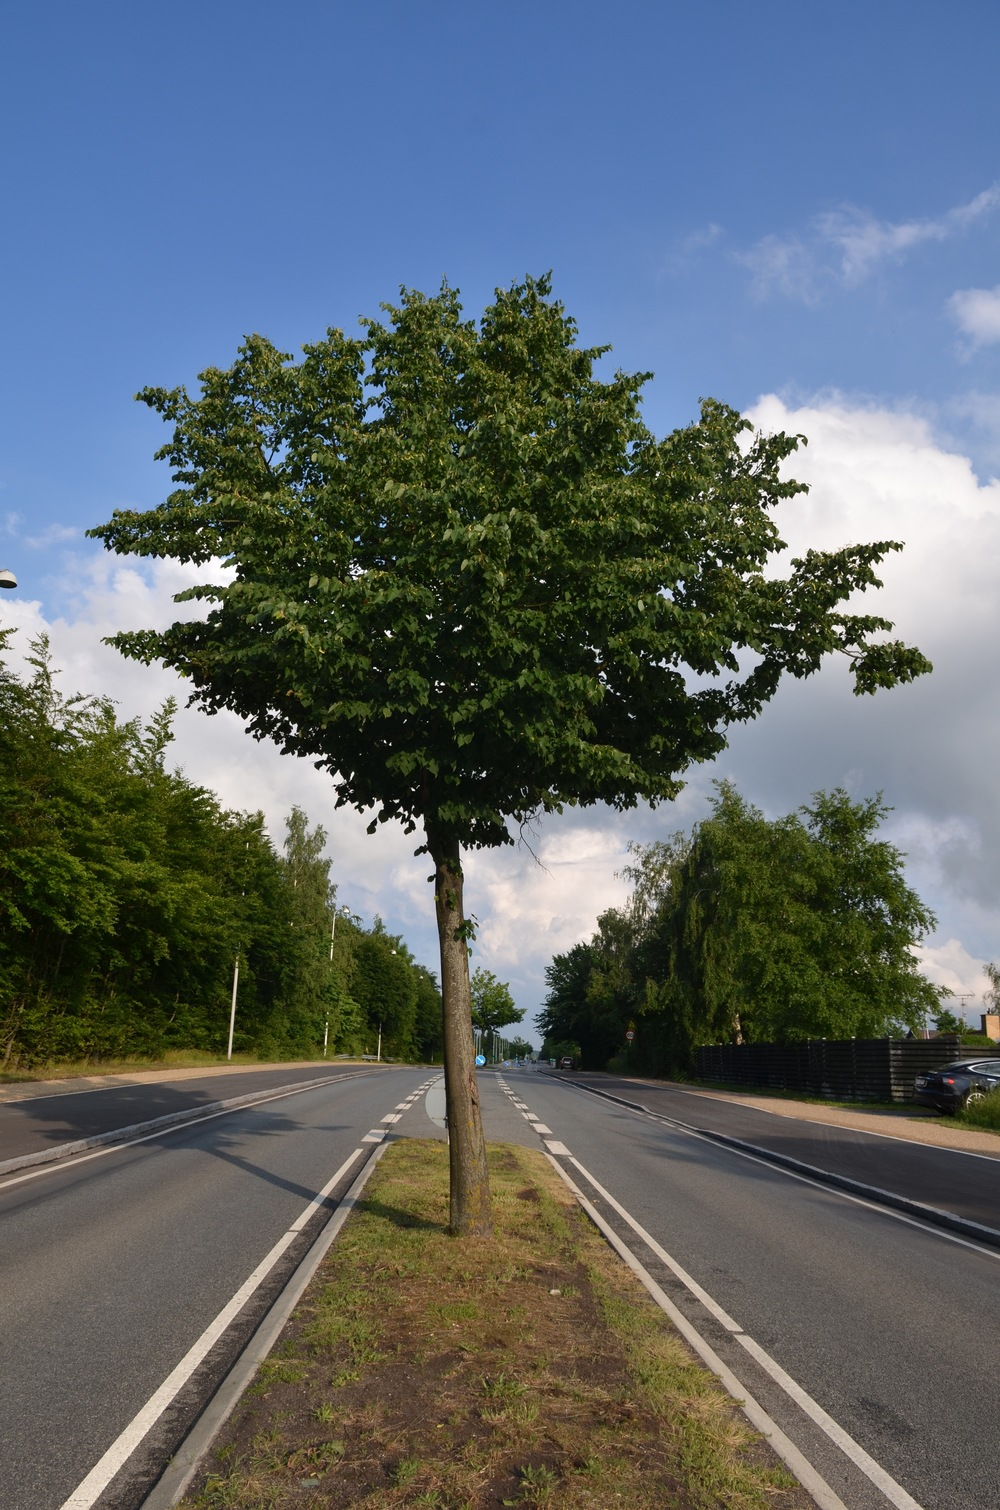 Plantebredden for træet på Kongevejen i Birkerød er 2,10 m og i Blovstrød kan plantebredden blive 2,20 m. Og træerne i Birkerød ser ud til at have det helt fint   og generer i øvrigt ikke trafikken. Foto AOB